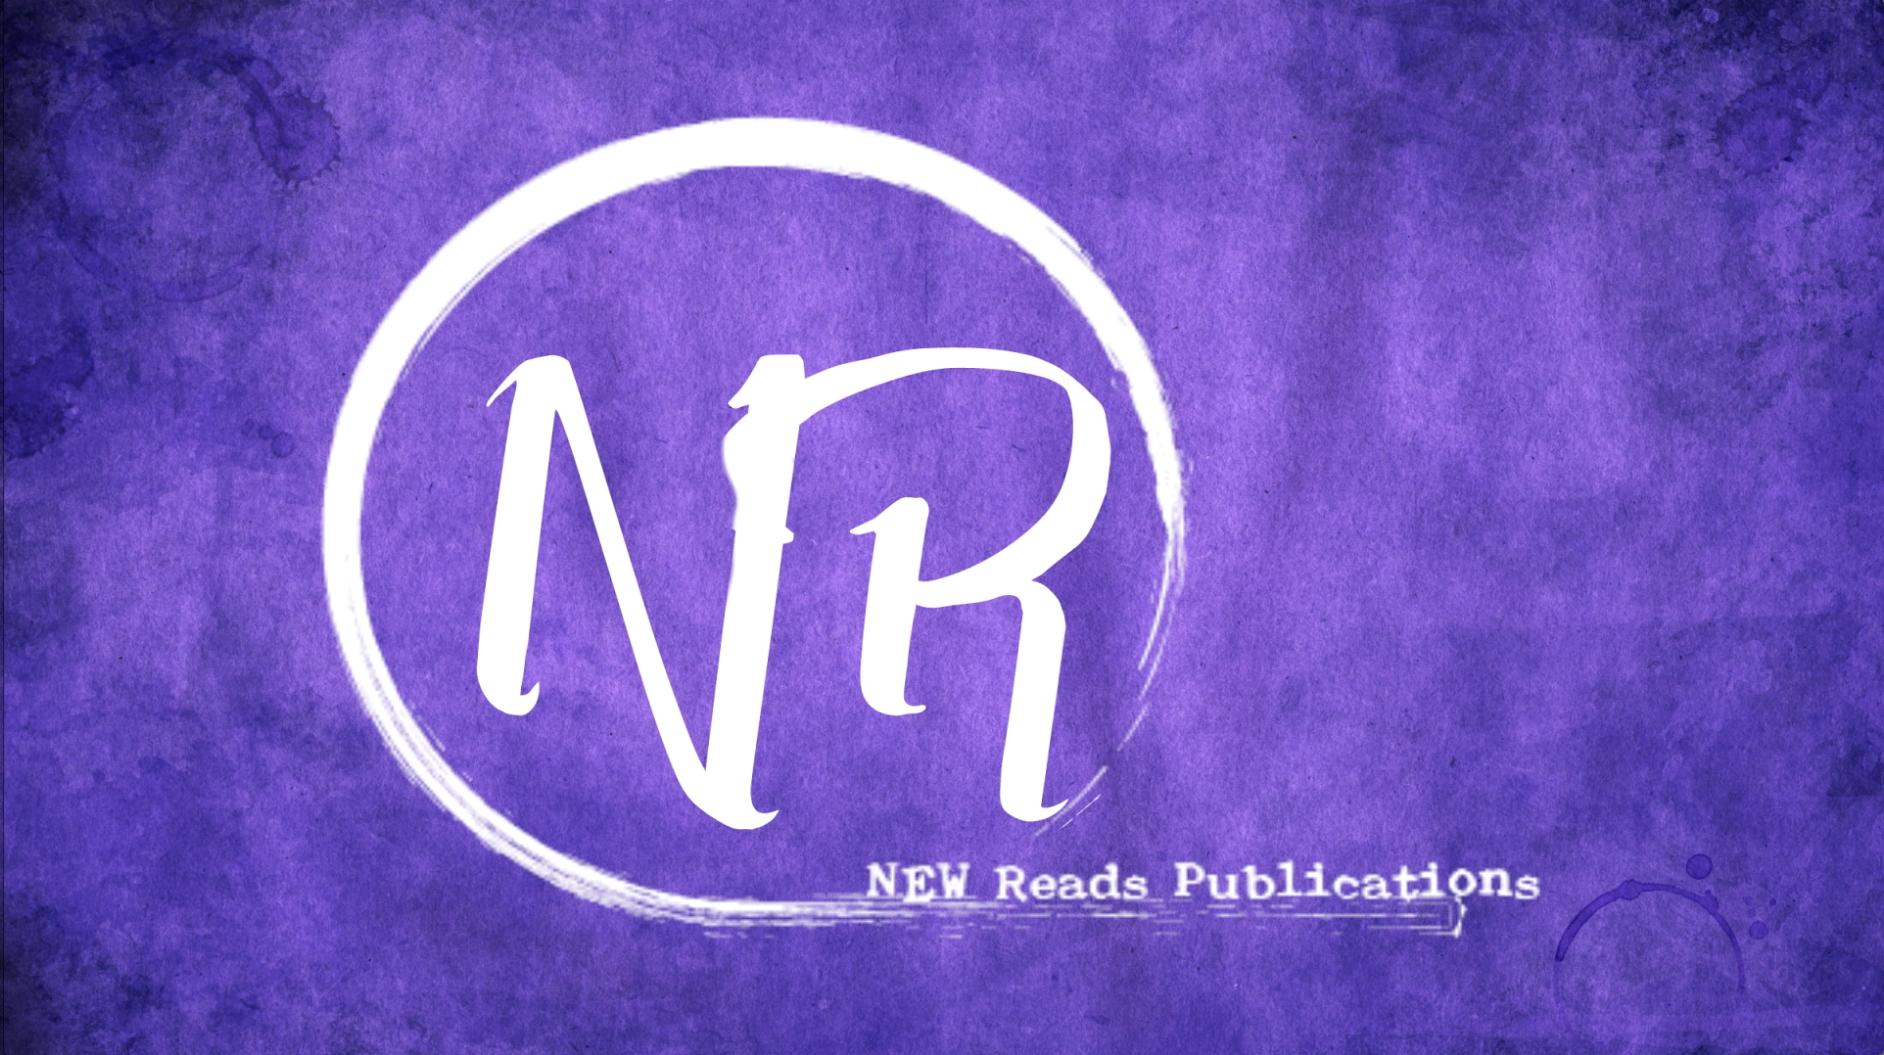 New Read Publications